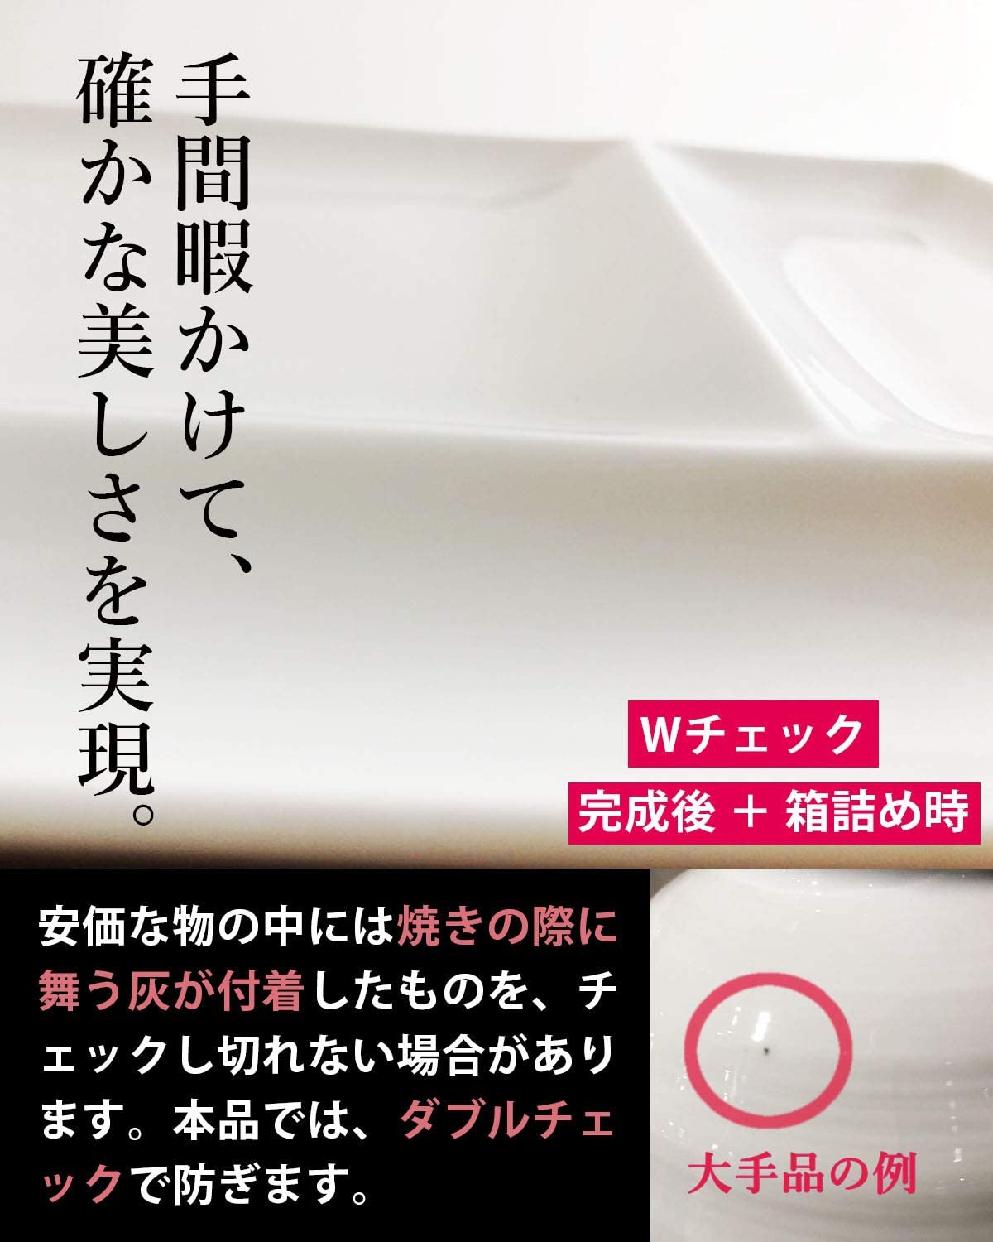 キツサコ お箸が置けるランチプレート 白磁の商品画像5